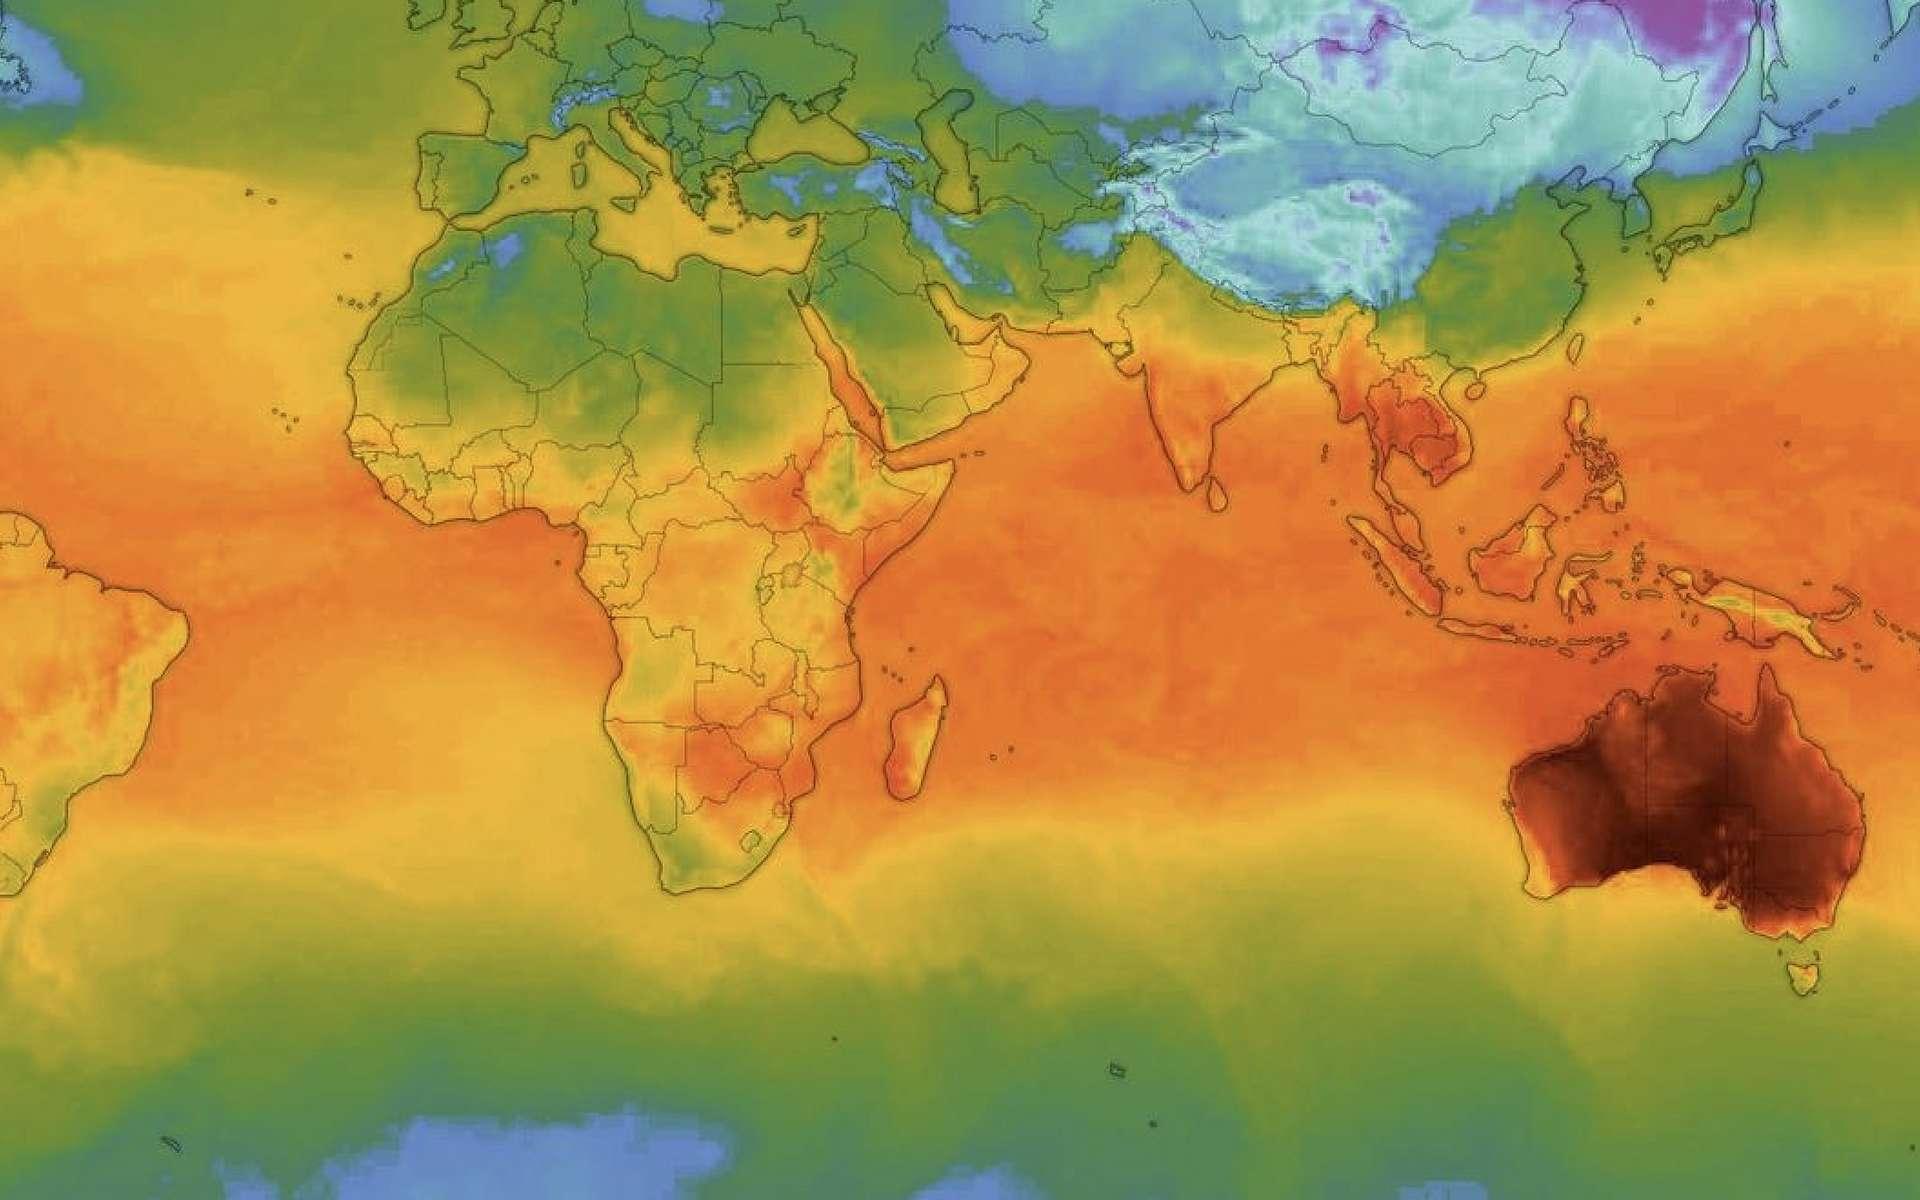 Carte des températures relevées dans le monde le 18 décembre 2019. En proie à une vague de chaleur sans précédent, l'Australie se distingue nettement du reste du Globe. © Windy